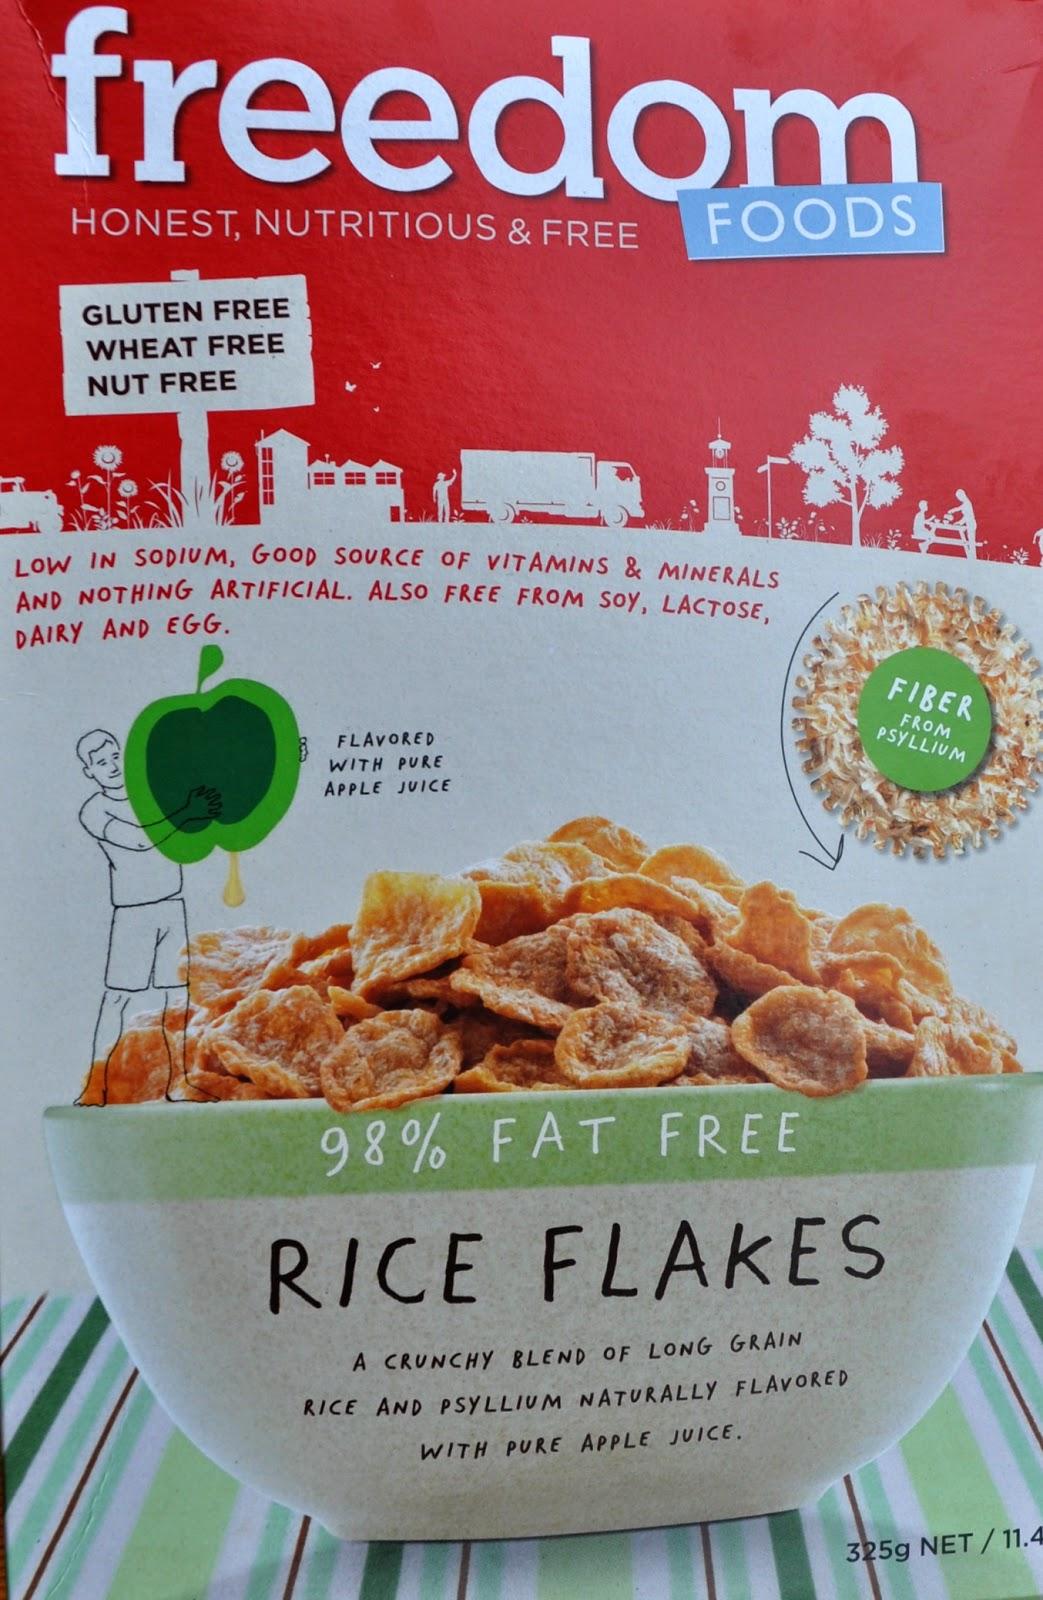 Freedom Foods, allergen-free, gluten-free cereal